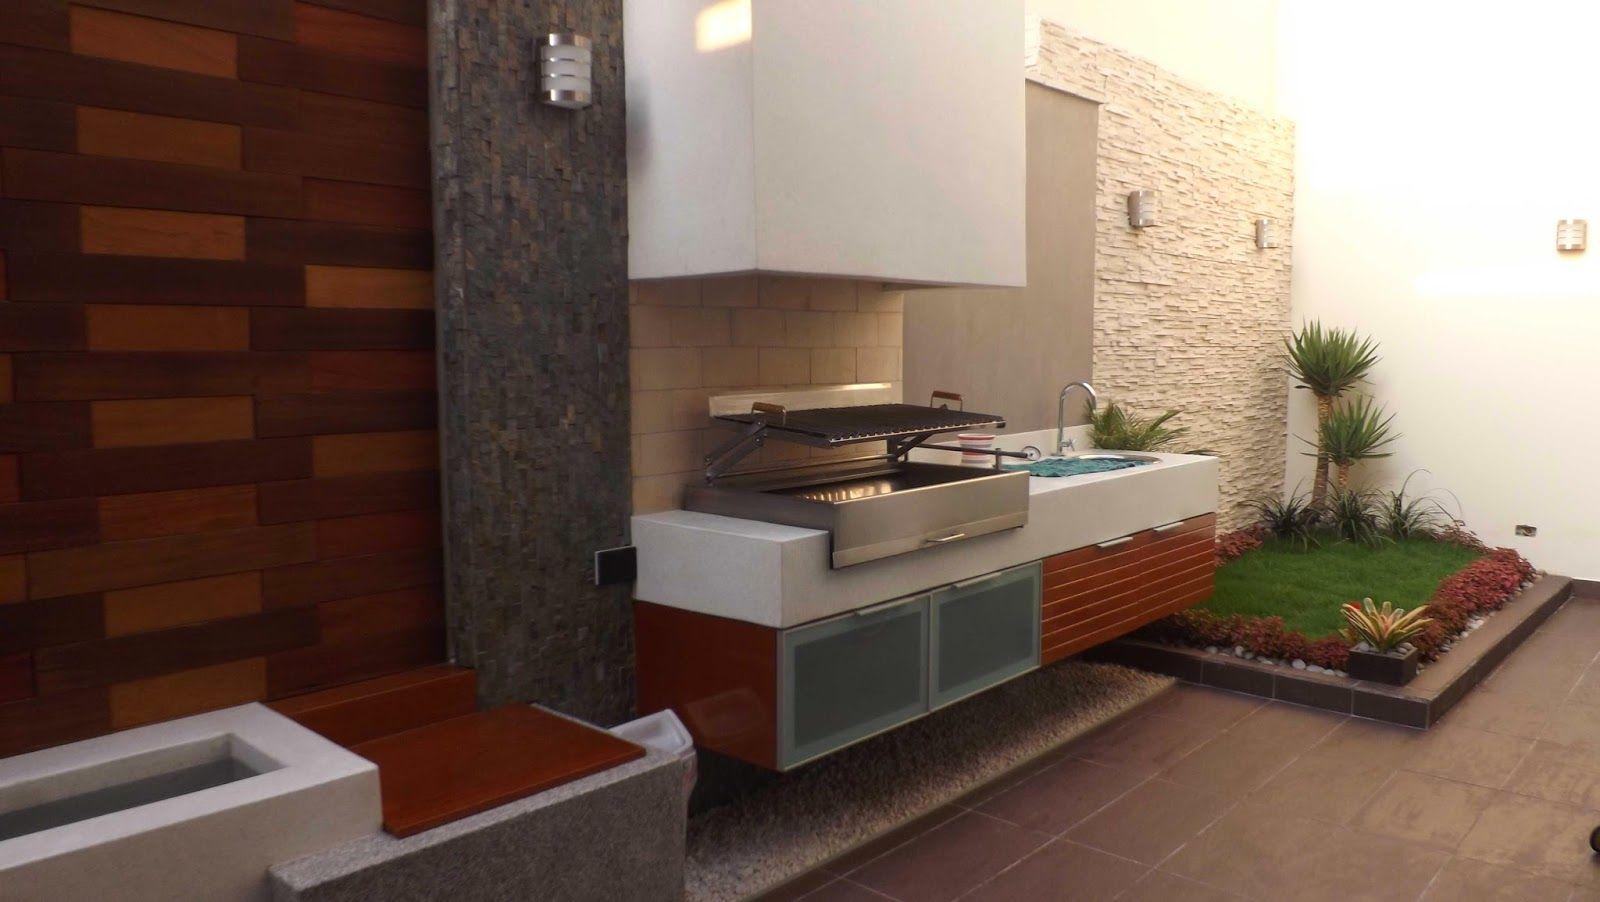 Disenos de parrilla parrilla en terraza de primer piso for Modelo de casa segundo piso